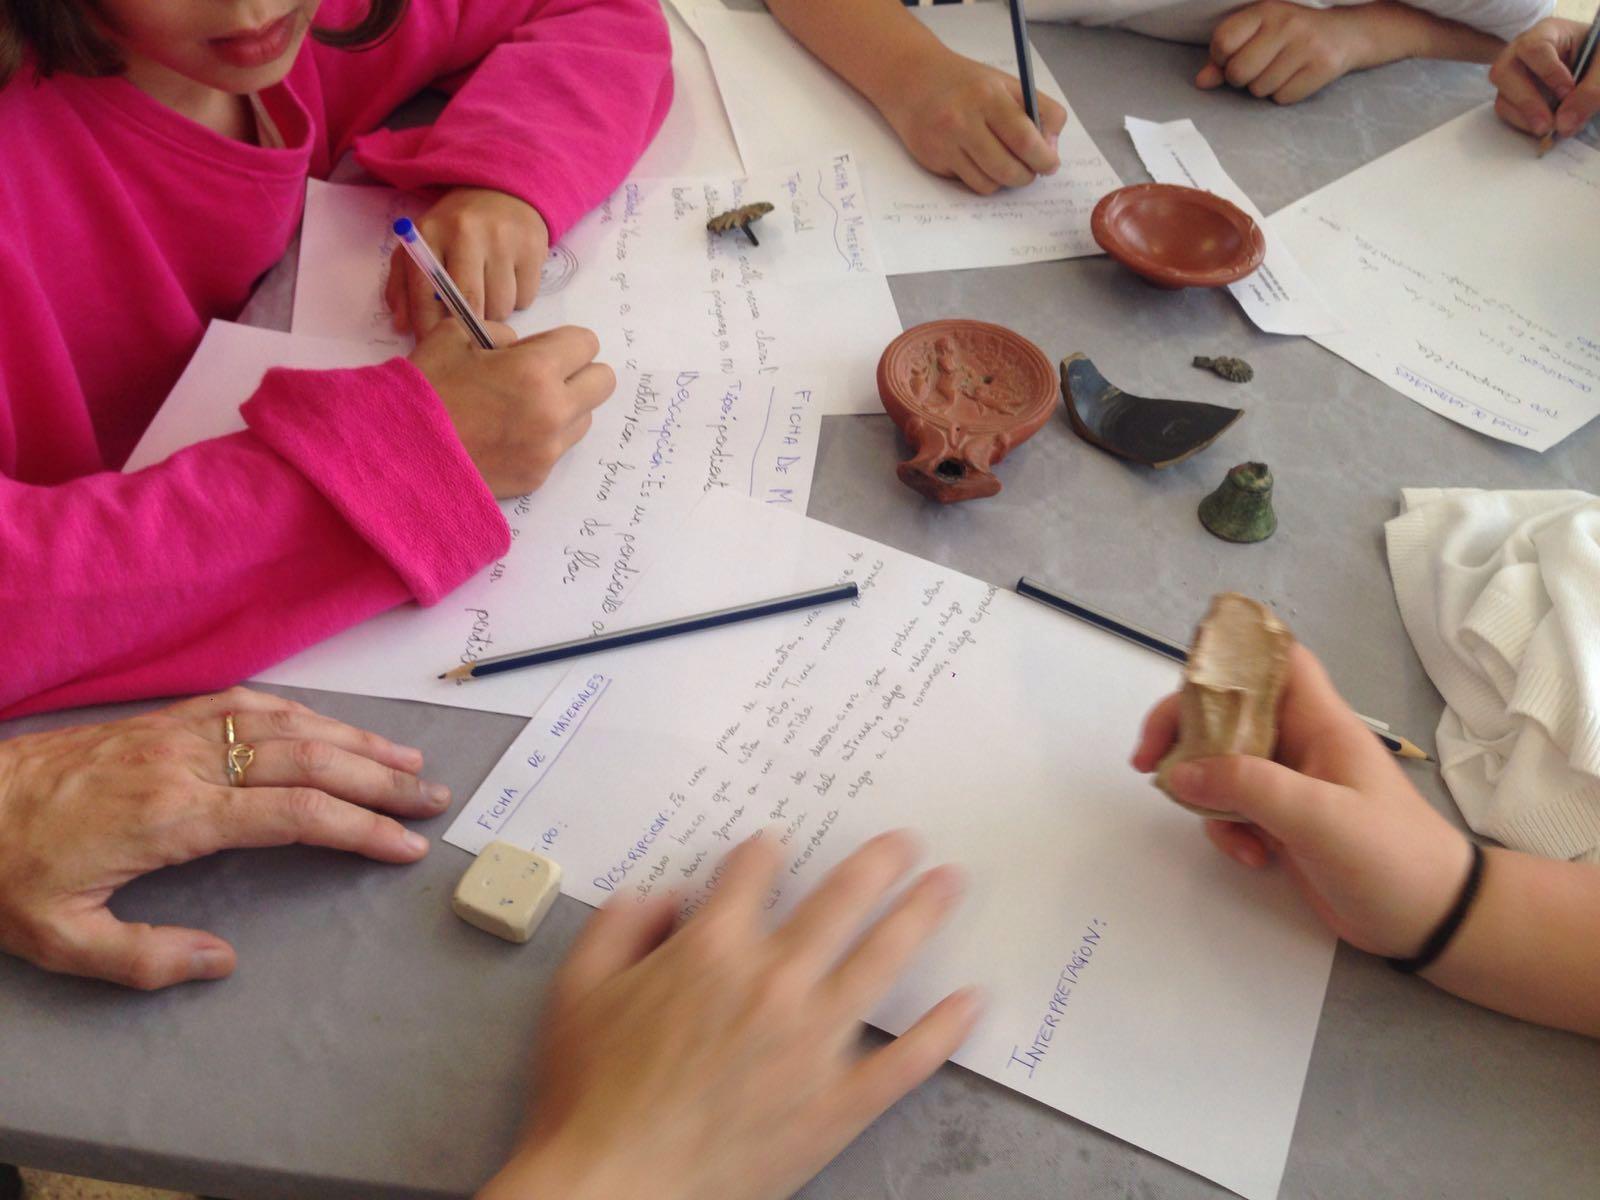 Los talleres con niños son fundamentales en la Semana Romana. Plantamos la semilla del interés científico y el conocimiento del patrimonio HOY para que haya quien lo ame y lo defienda mañana.